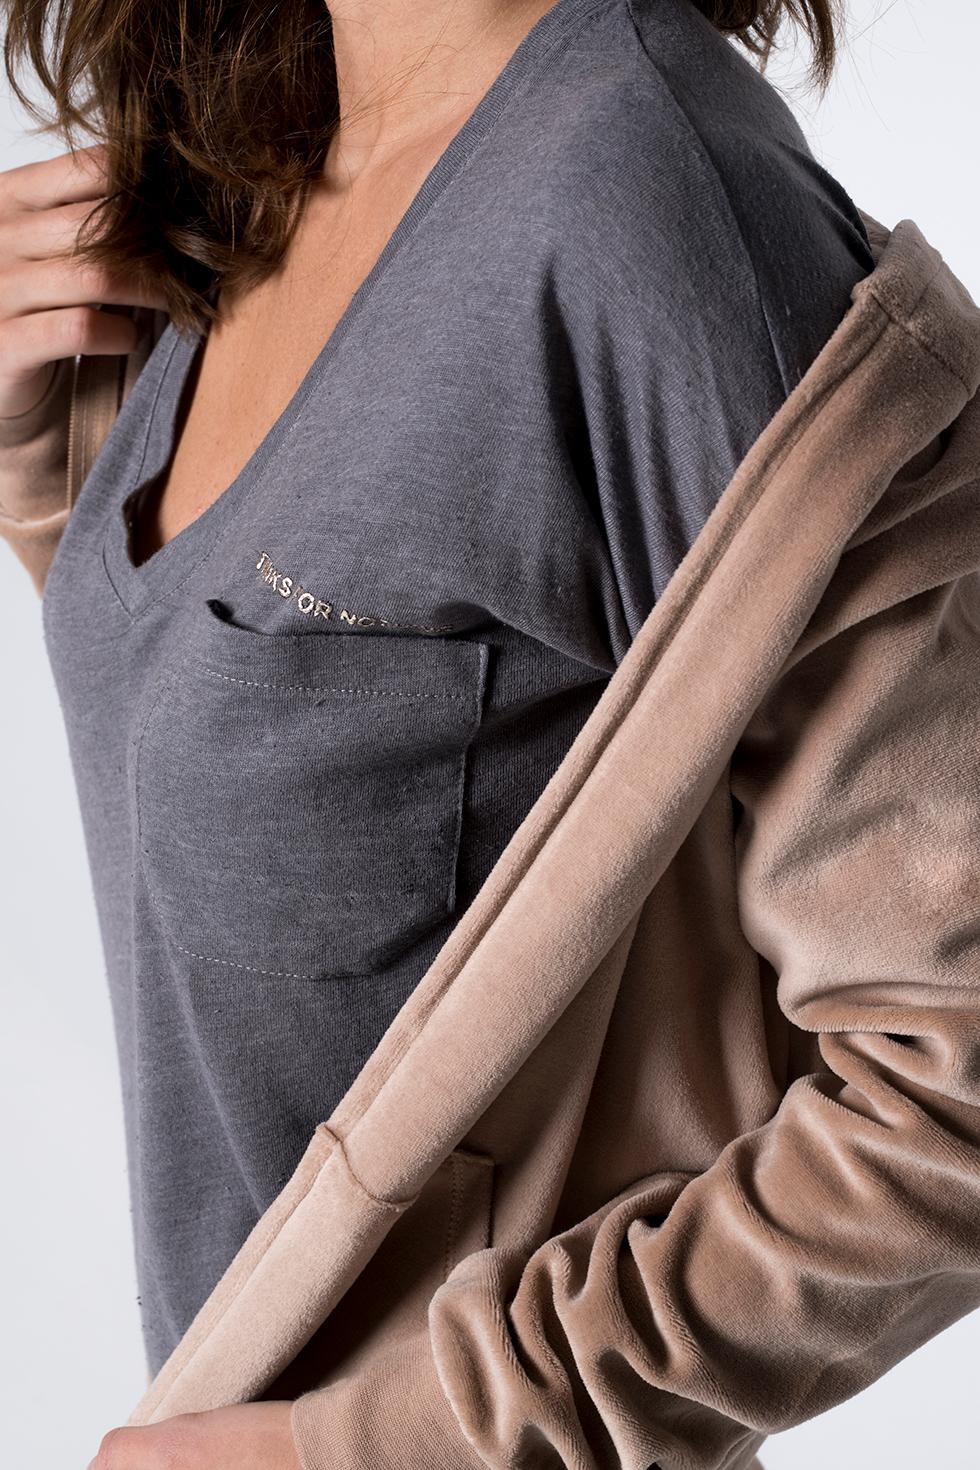 ΜΑΚΡΥΜΑΝΙΚΟ ΤΟΠ ΜΕ ΤΥΠΩΜΑ ΣΤΗΝ ΤΣΕΠΗ - ΓΚΡΙ ΜΕΛΑΝΖΕ winter offers μπλουζακια